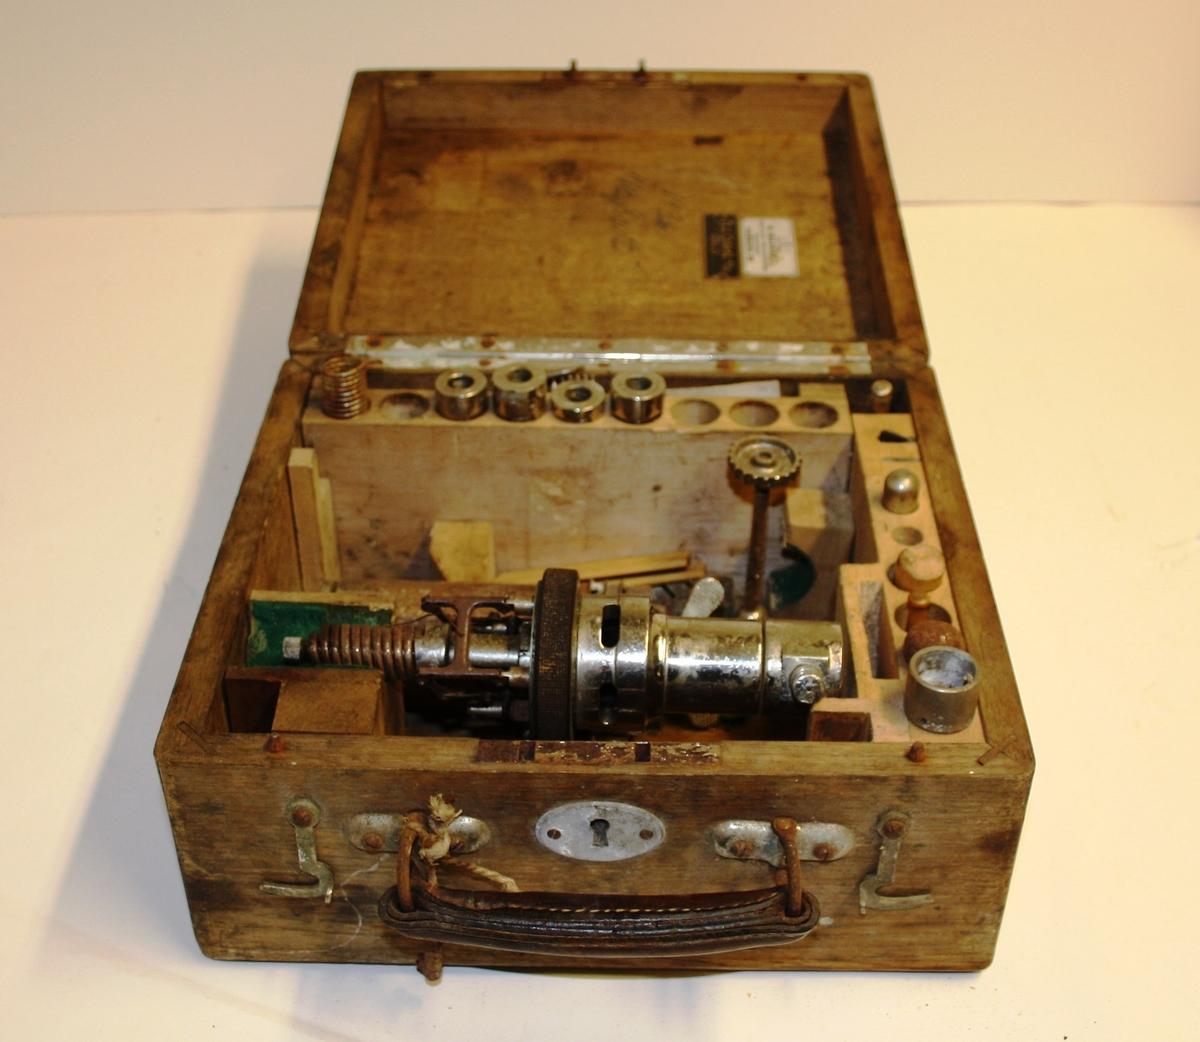 Gjenstanden består av en trekasse med instrument og flere instrumentdeler i; blant annet en oljeflaske, metallfjærer, og fire linjaler. Trekassen har to klemmelåser samt lås med nøkkel. Håndtaket er av skinn, festet til kassen med metall. Lokket er hengslet på.